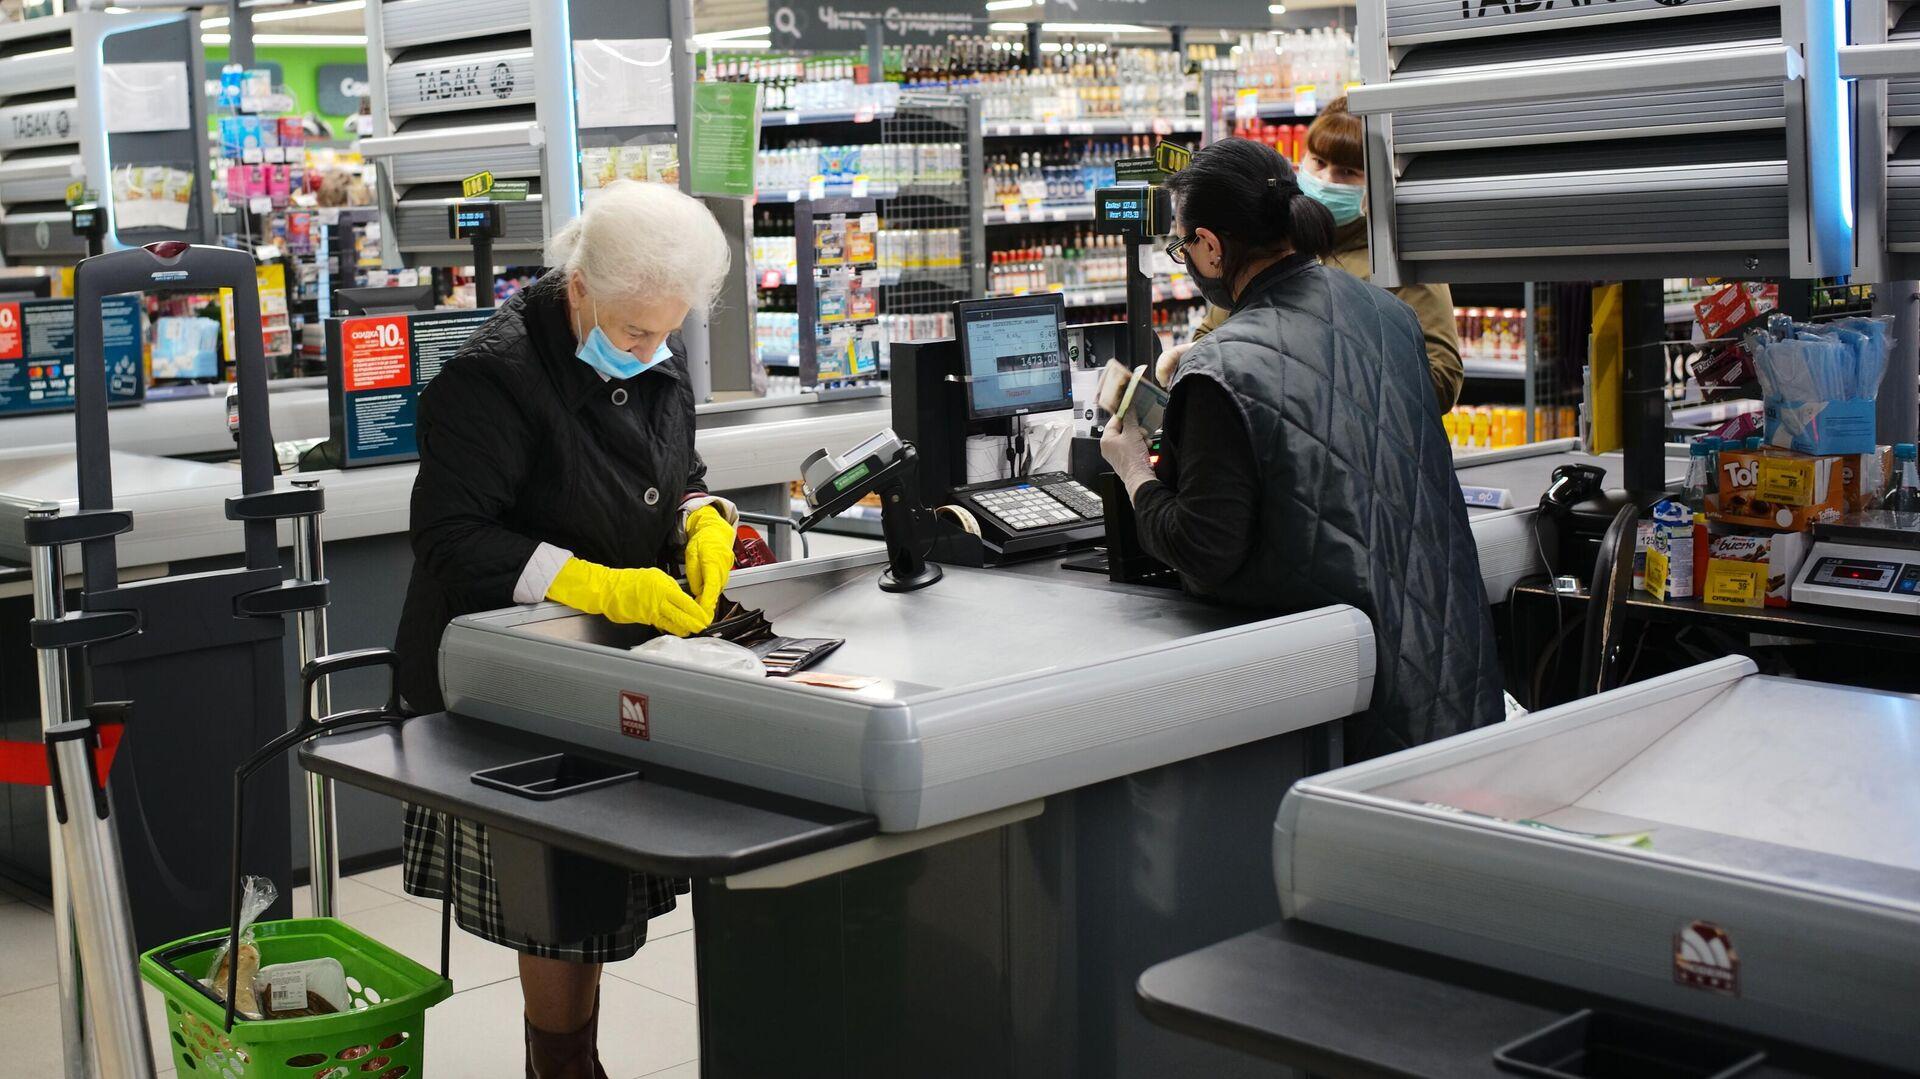 Покупатель оплачивает покупки на кассе в супермаркете Перекресток - РИА Новости, 1920, 13.05.2021